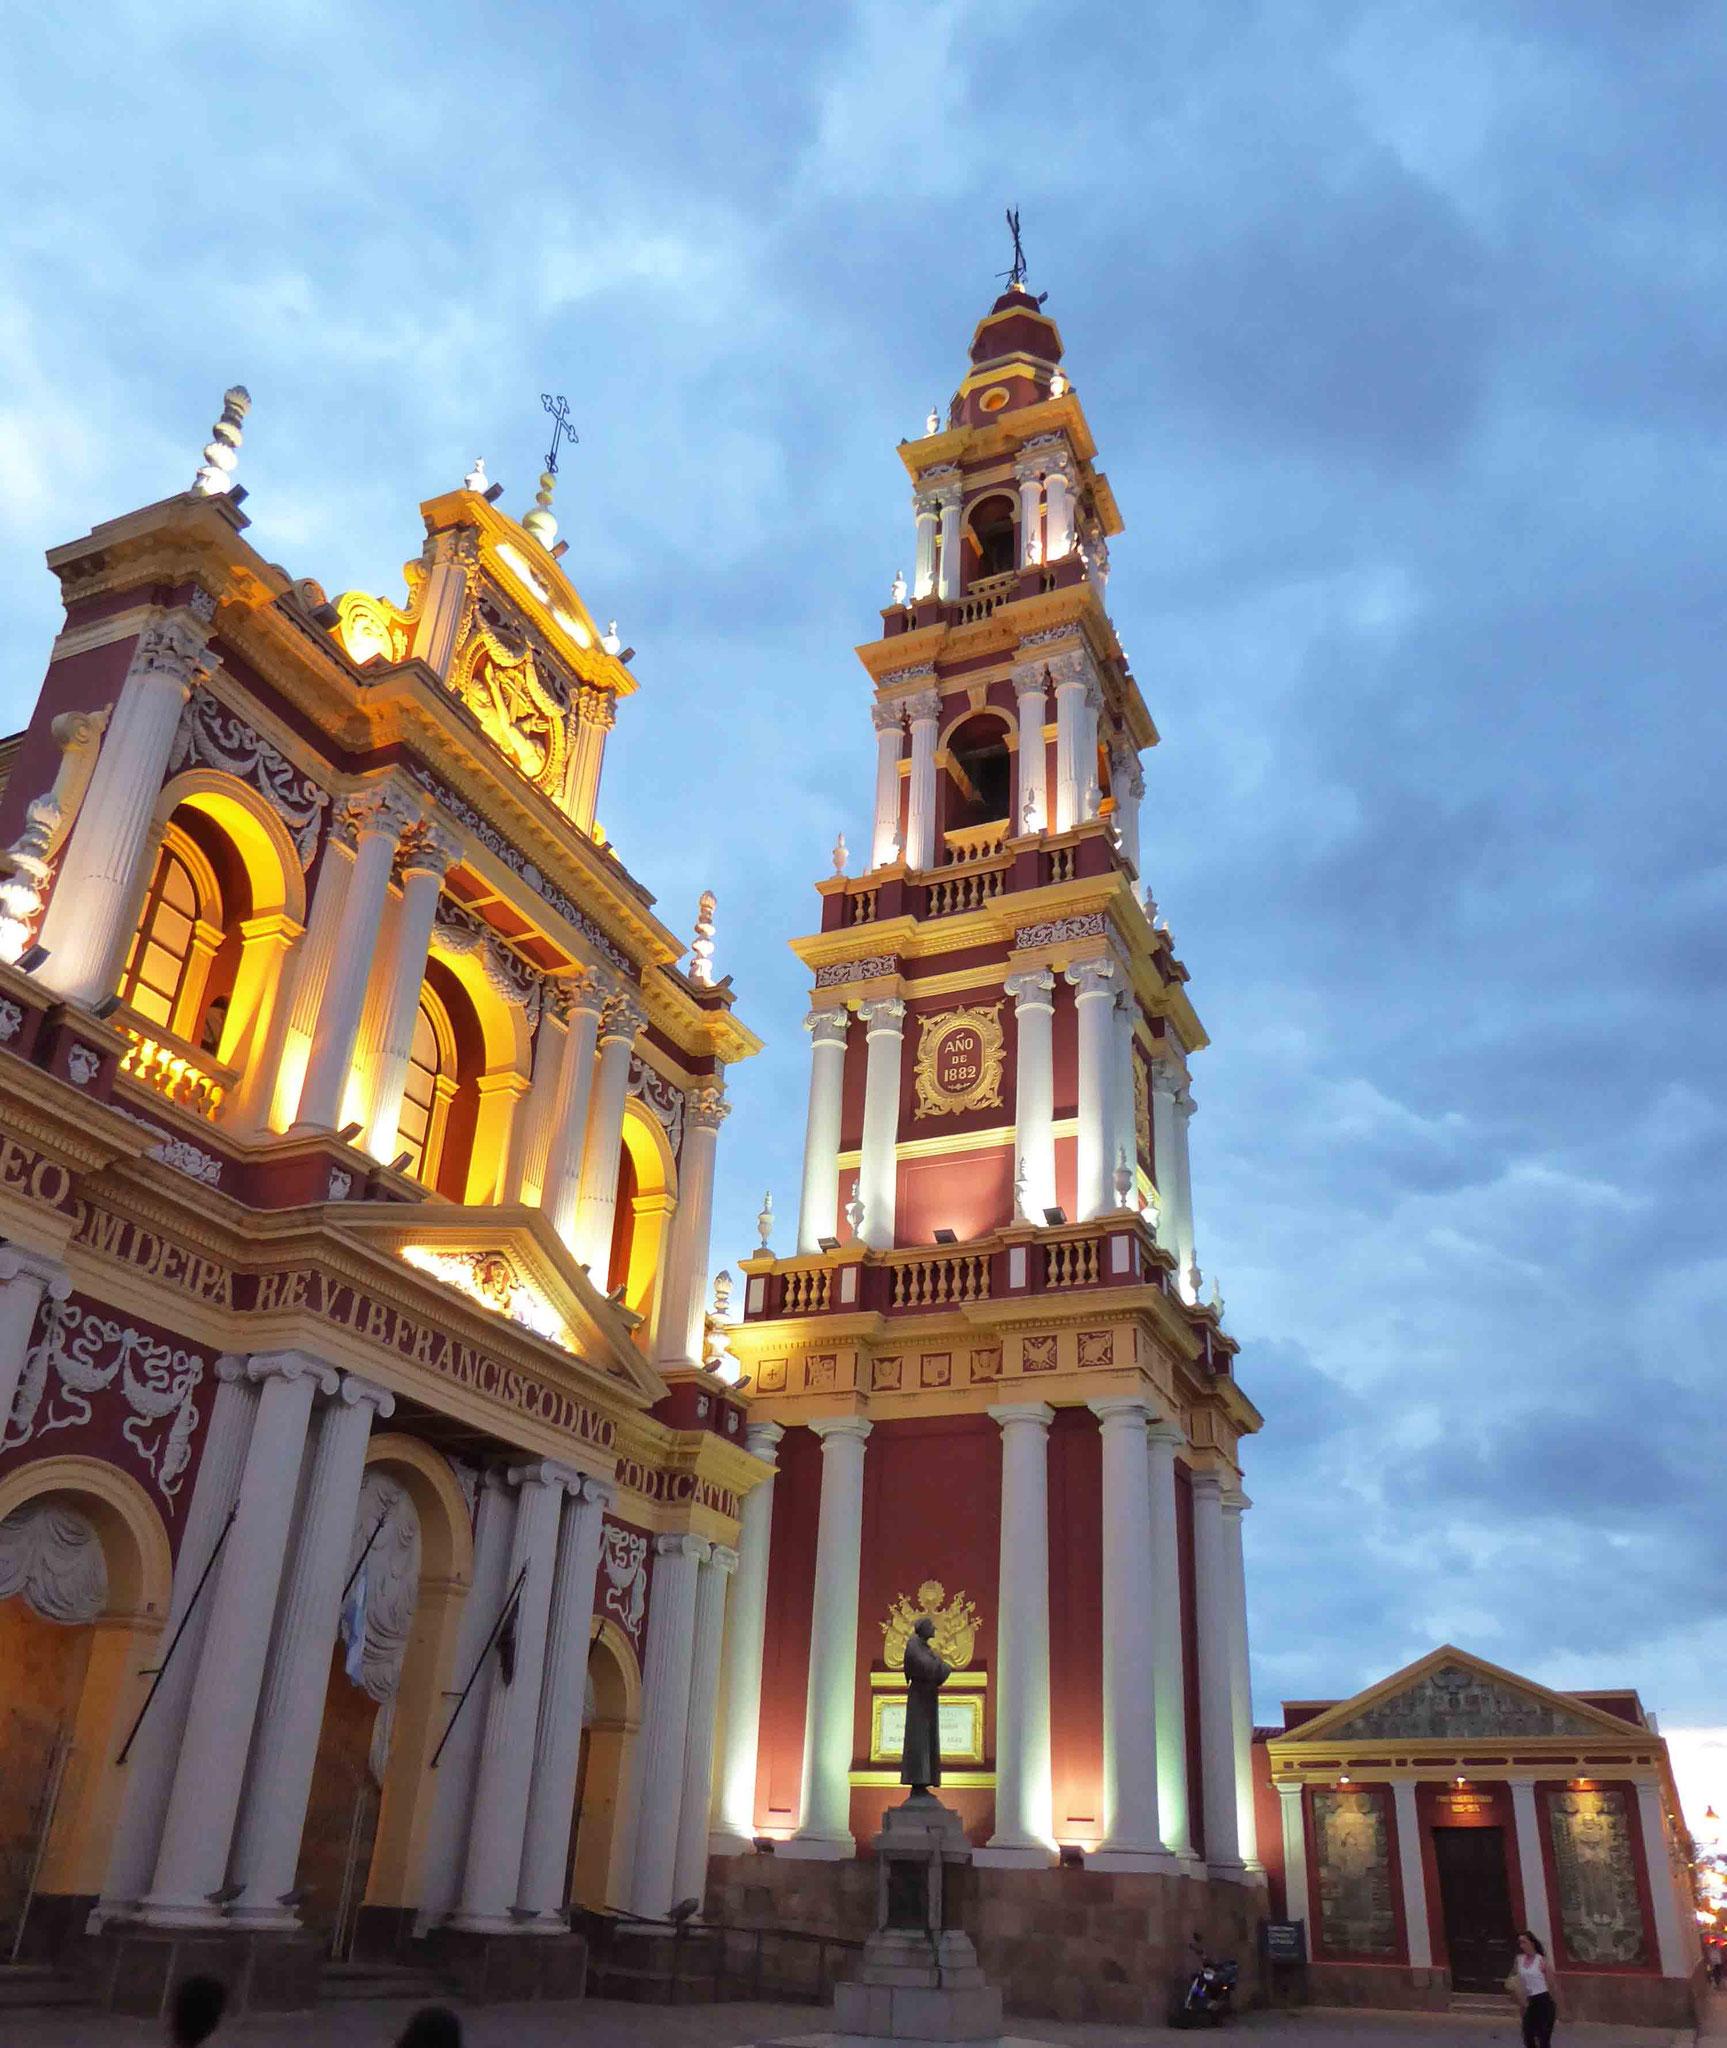 D'architecture coloniale, la très belle église San Francisco (XVIIe siècle)